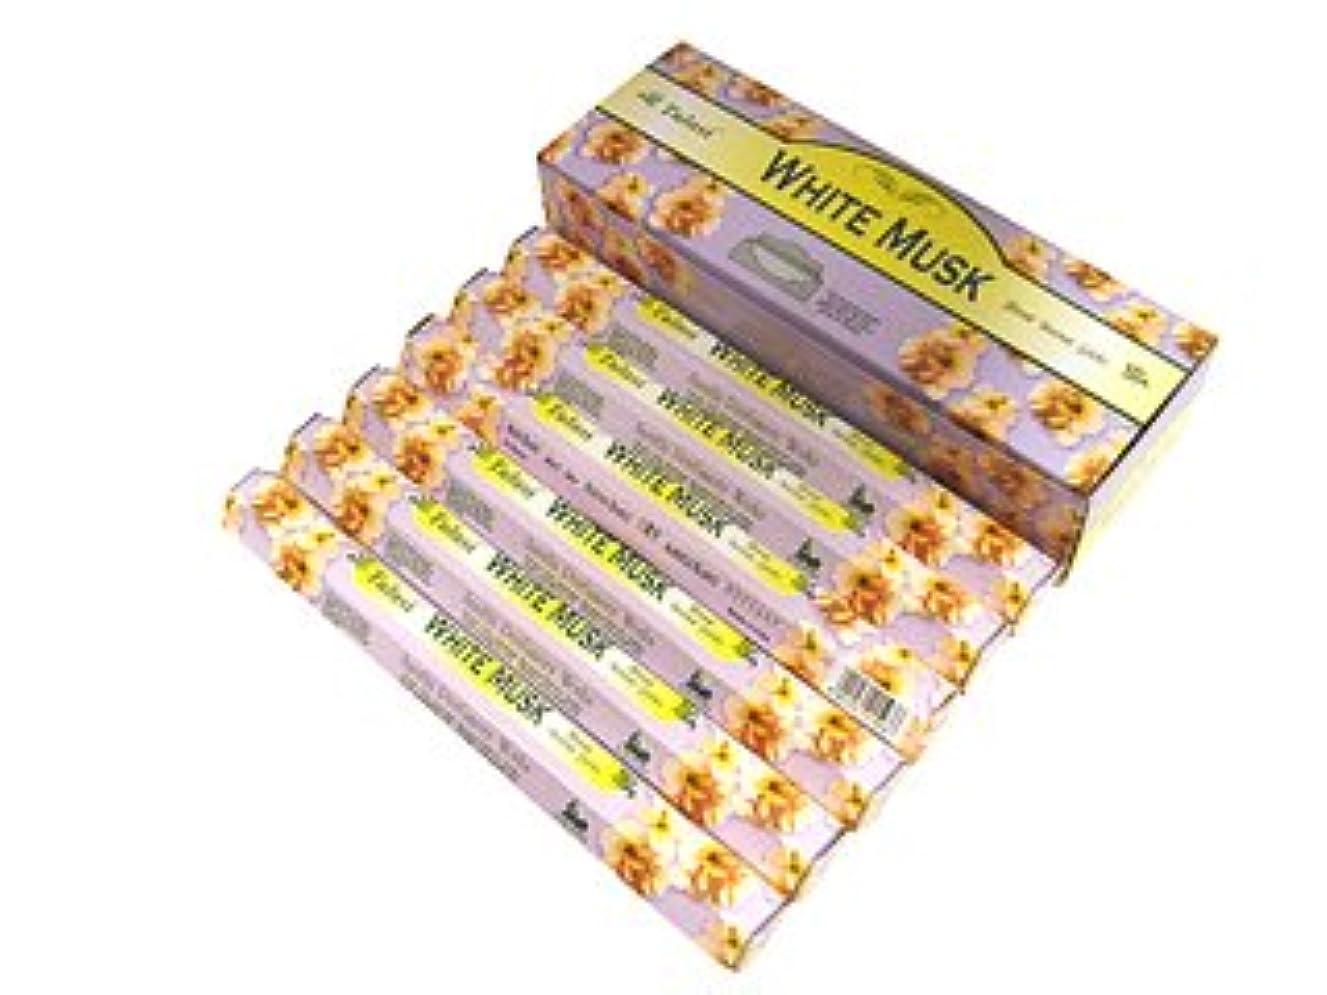 韻六そんなにTULASI(トゥラシ) ホワイトムスク香 スティック WHITE MUSK 6箱セット